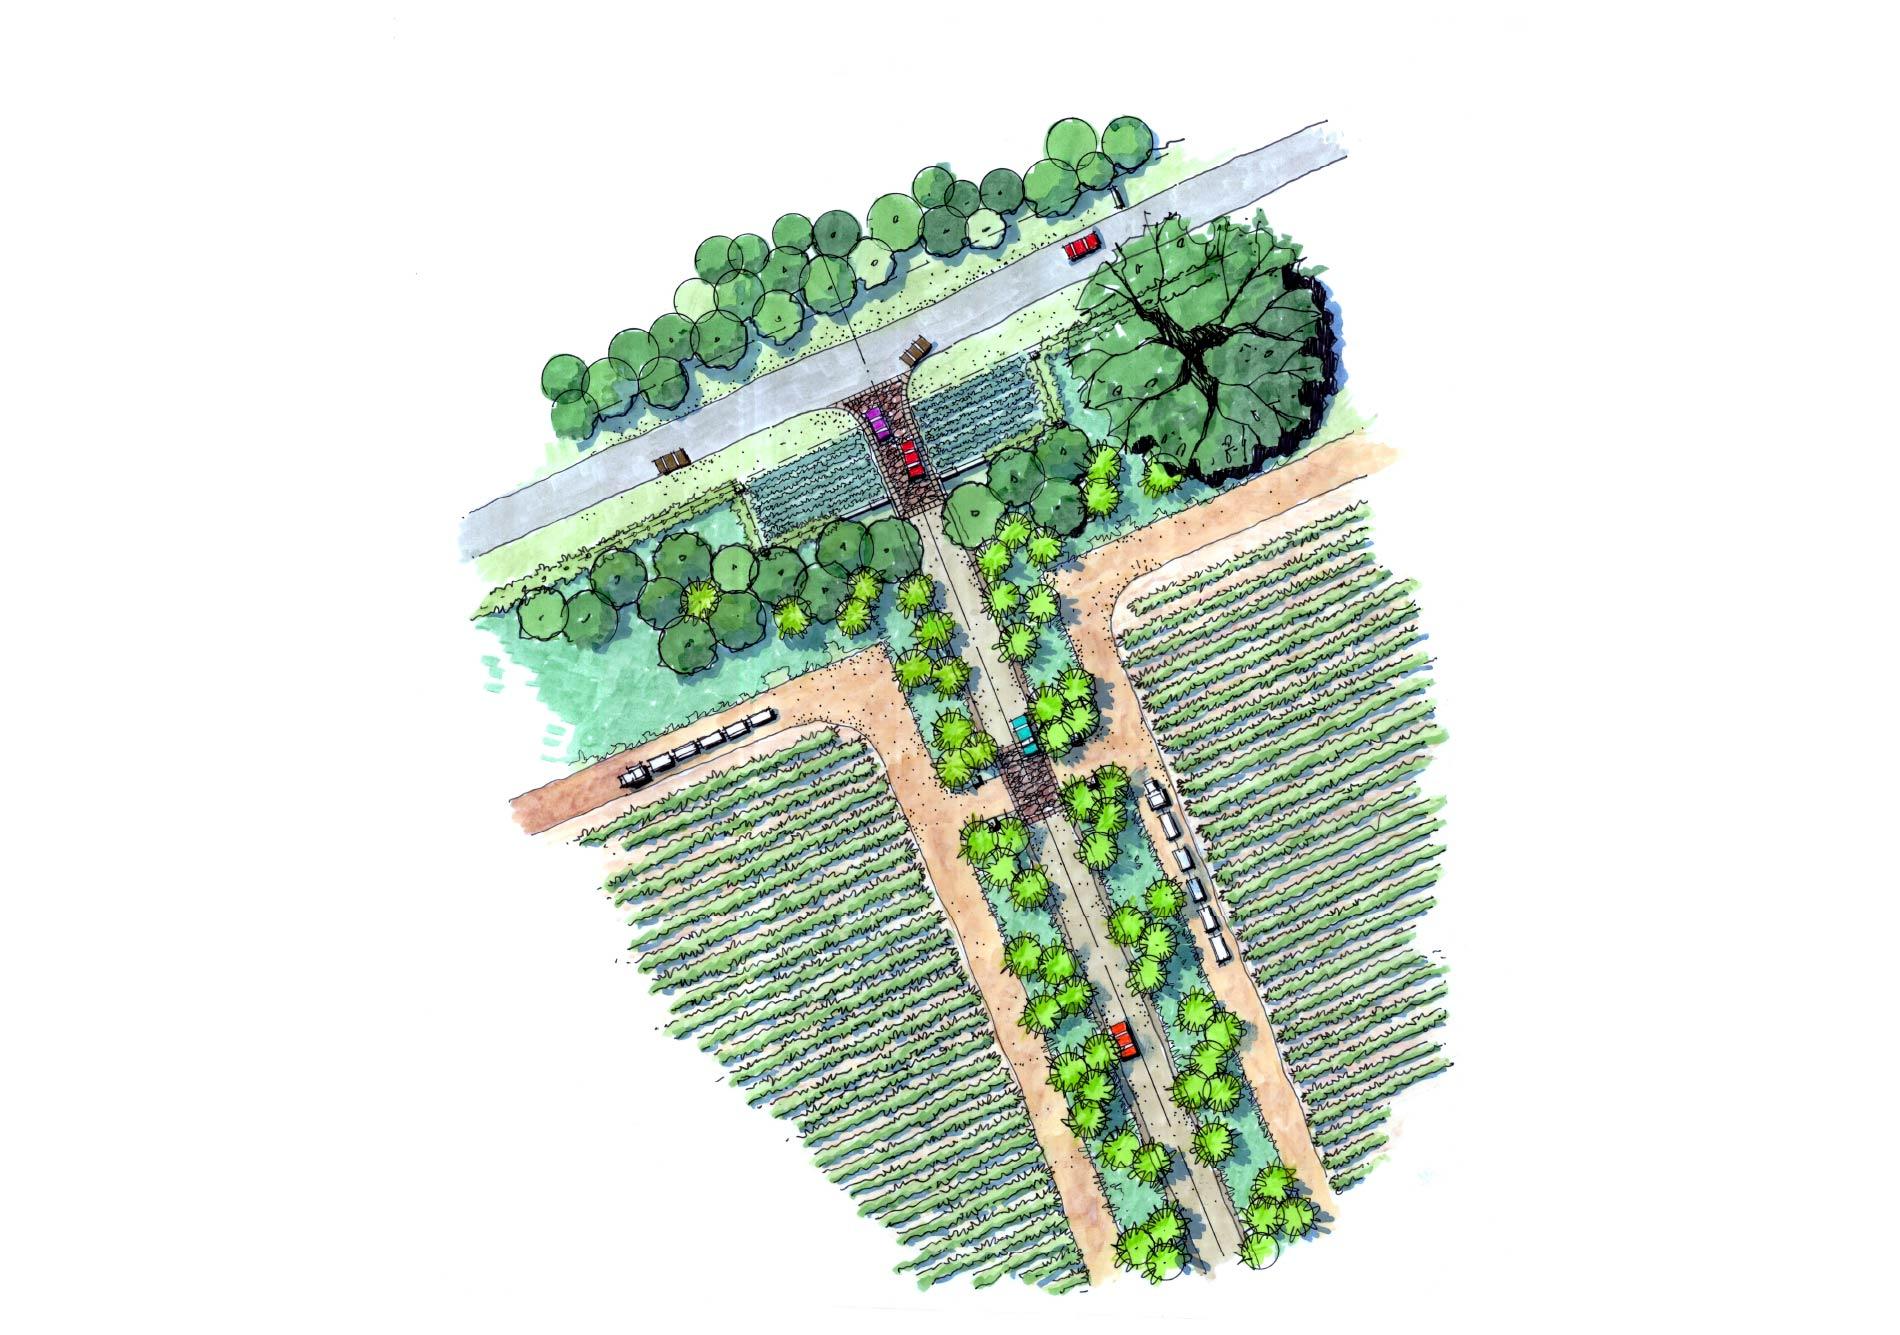 Rural-Planning_Vida_16